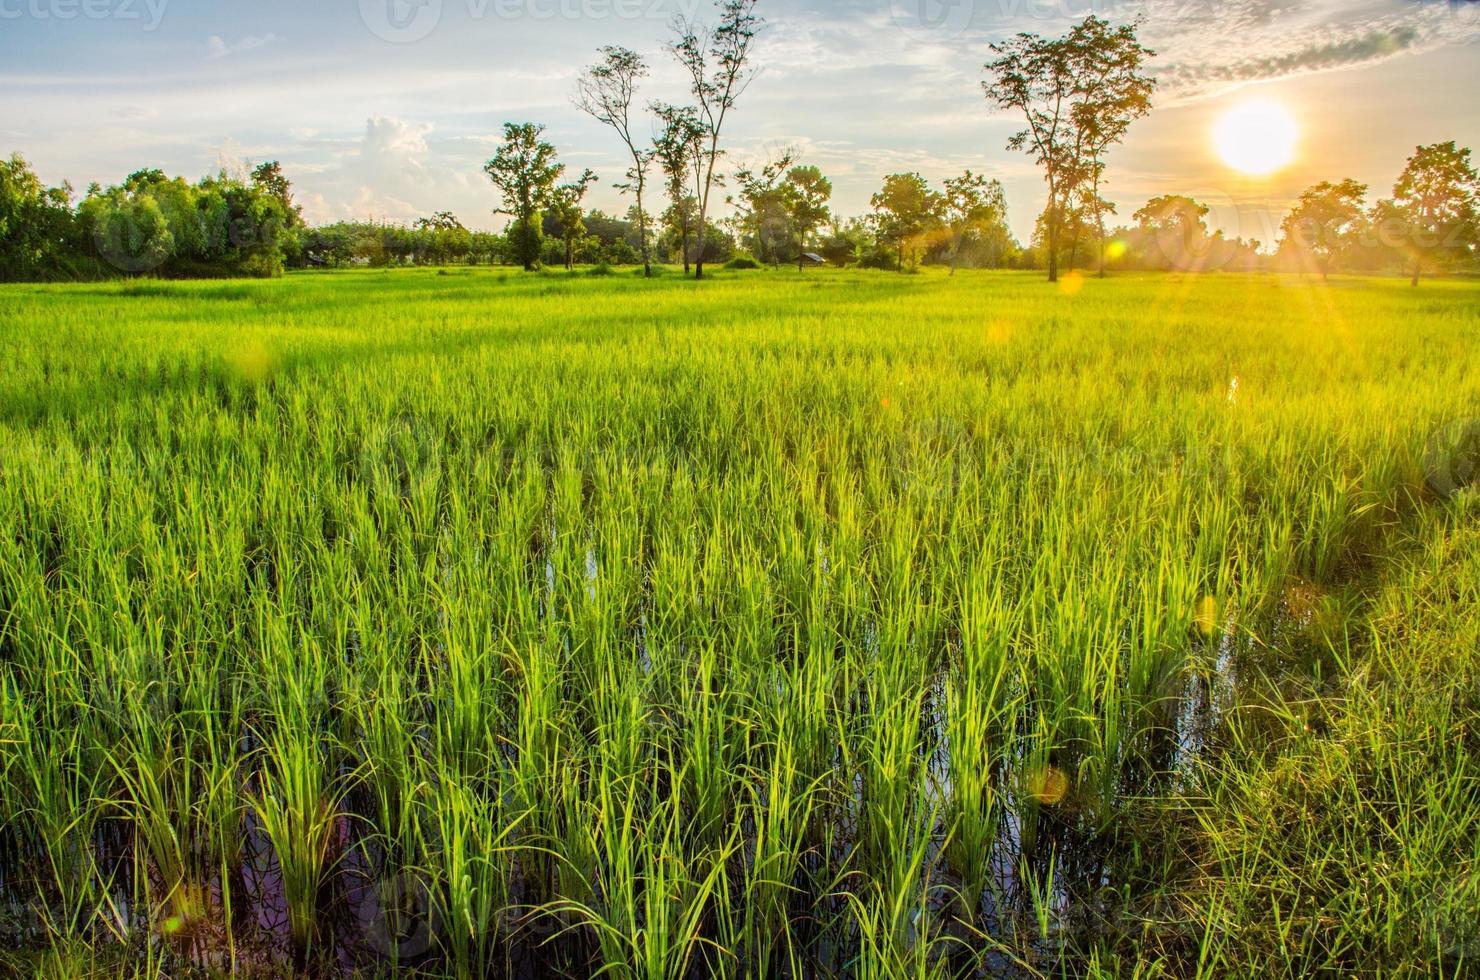 coucher de soleil sur la rizière photo